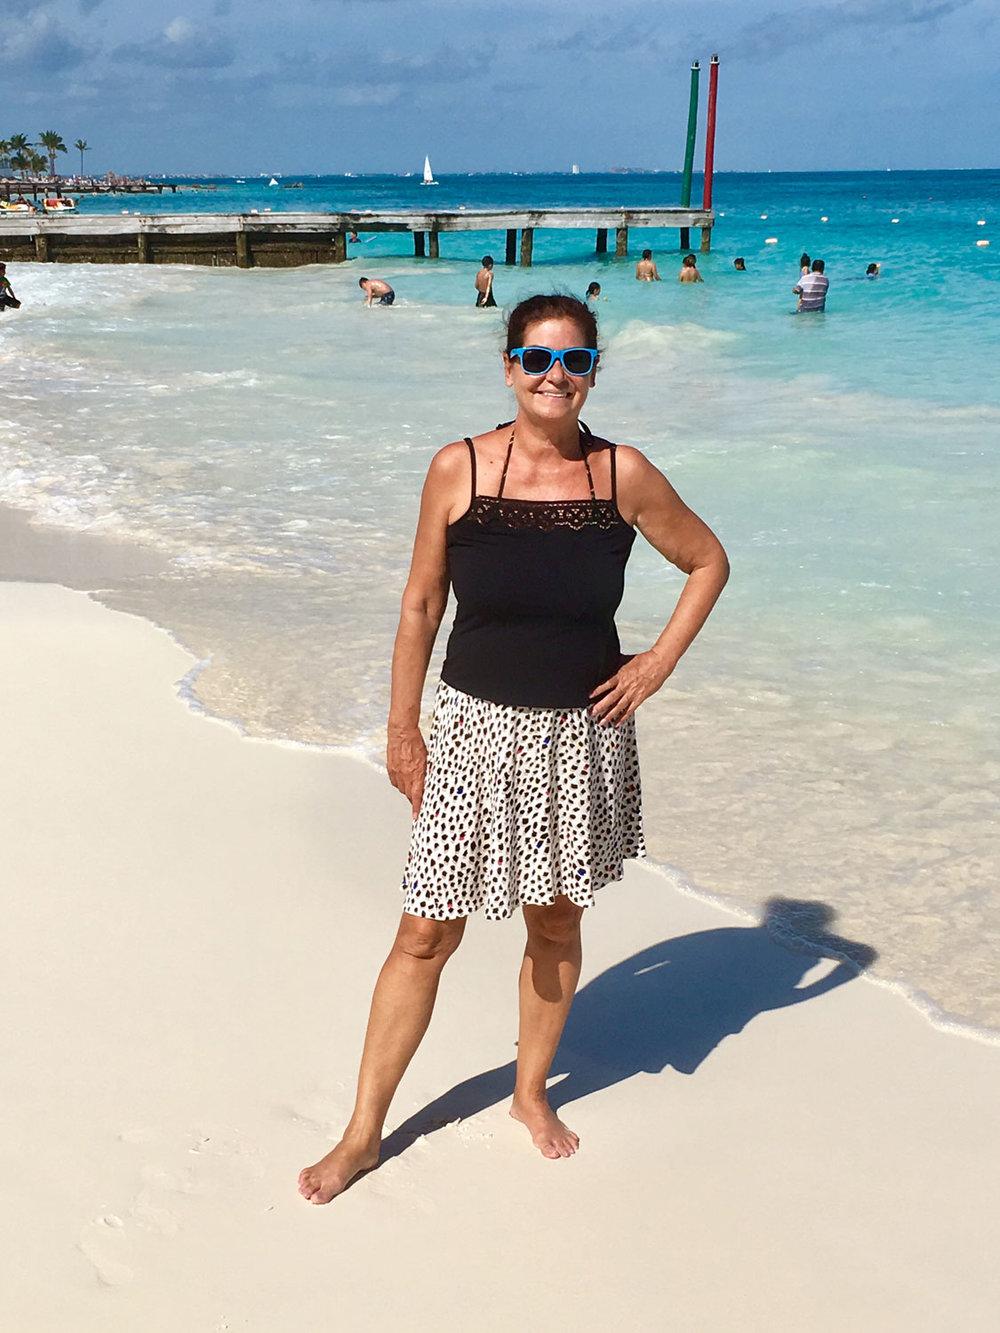 Hammocks_and_Ruins_Riviera_Maya_Mexico_Explore_What_to_Do_Yucatan_Beahces_Cancun_Playa_Caracol_6.jpg